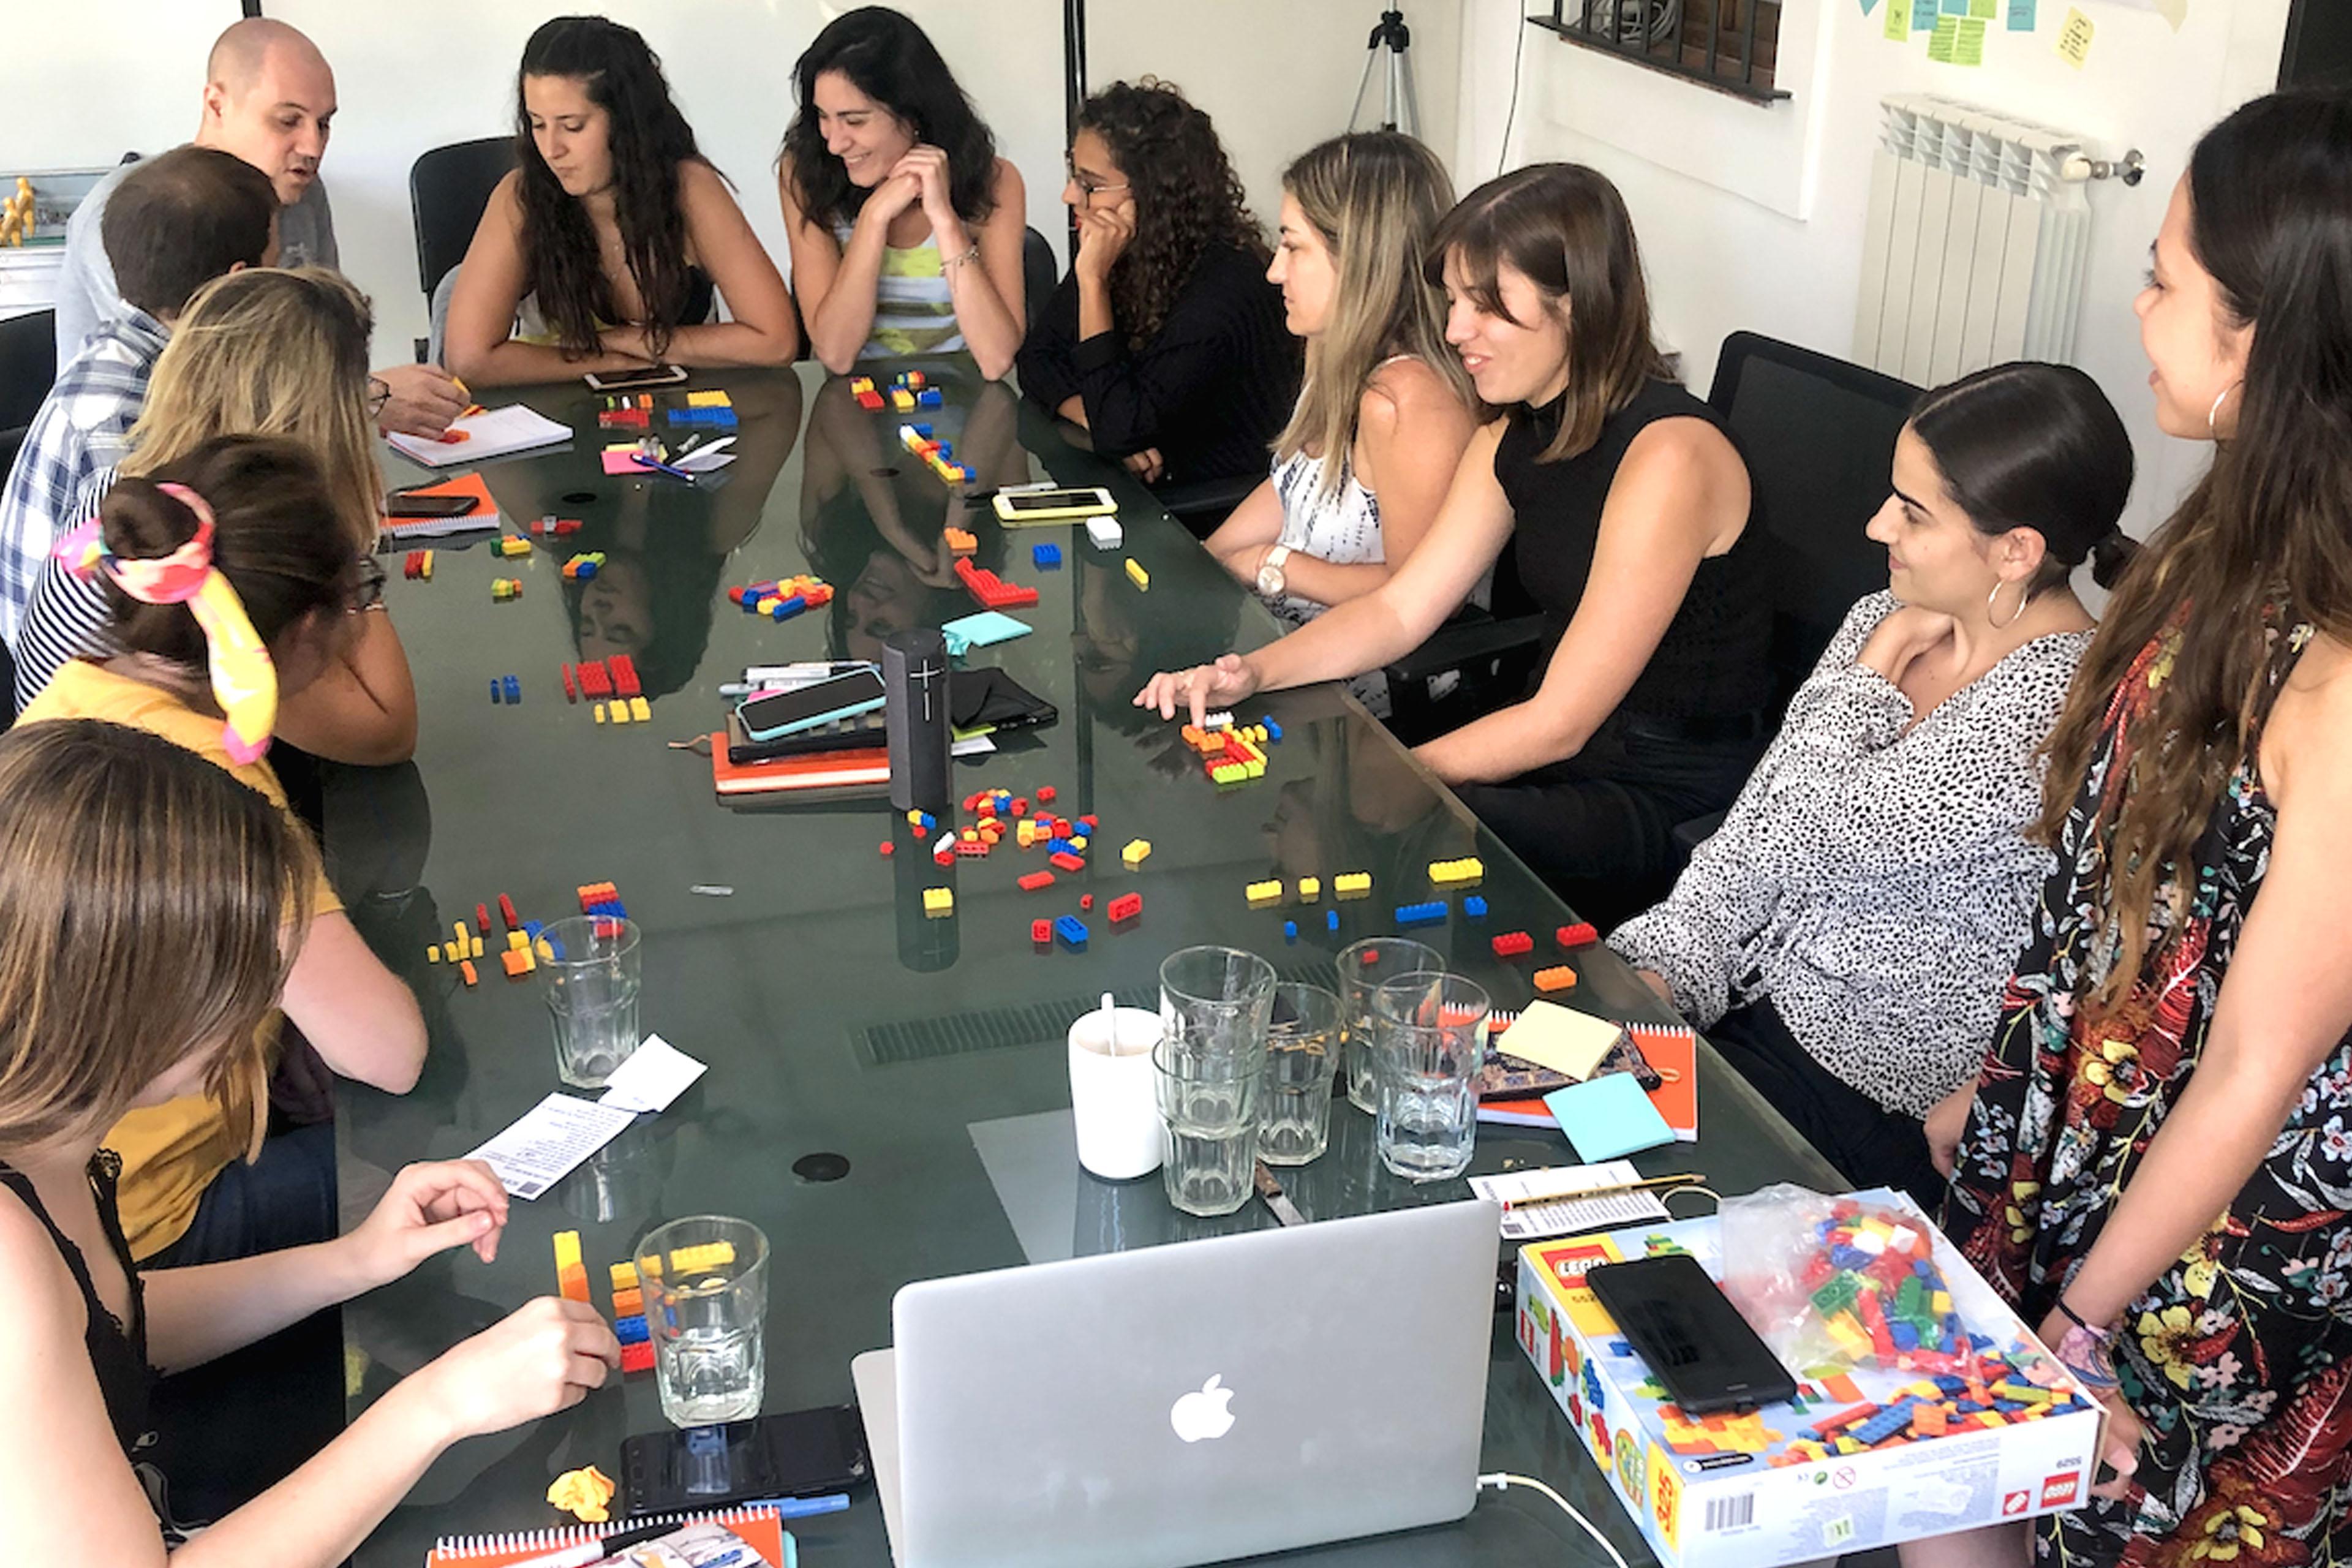 Equipo de 12 personas reunido alrededor de una mesa de trabajo